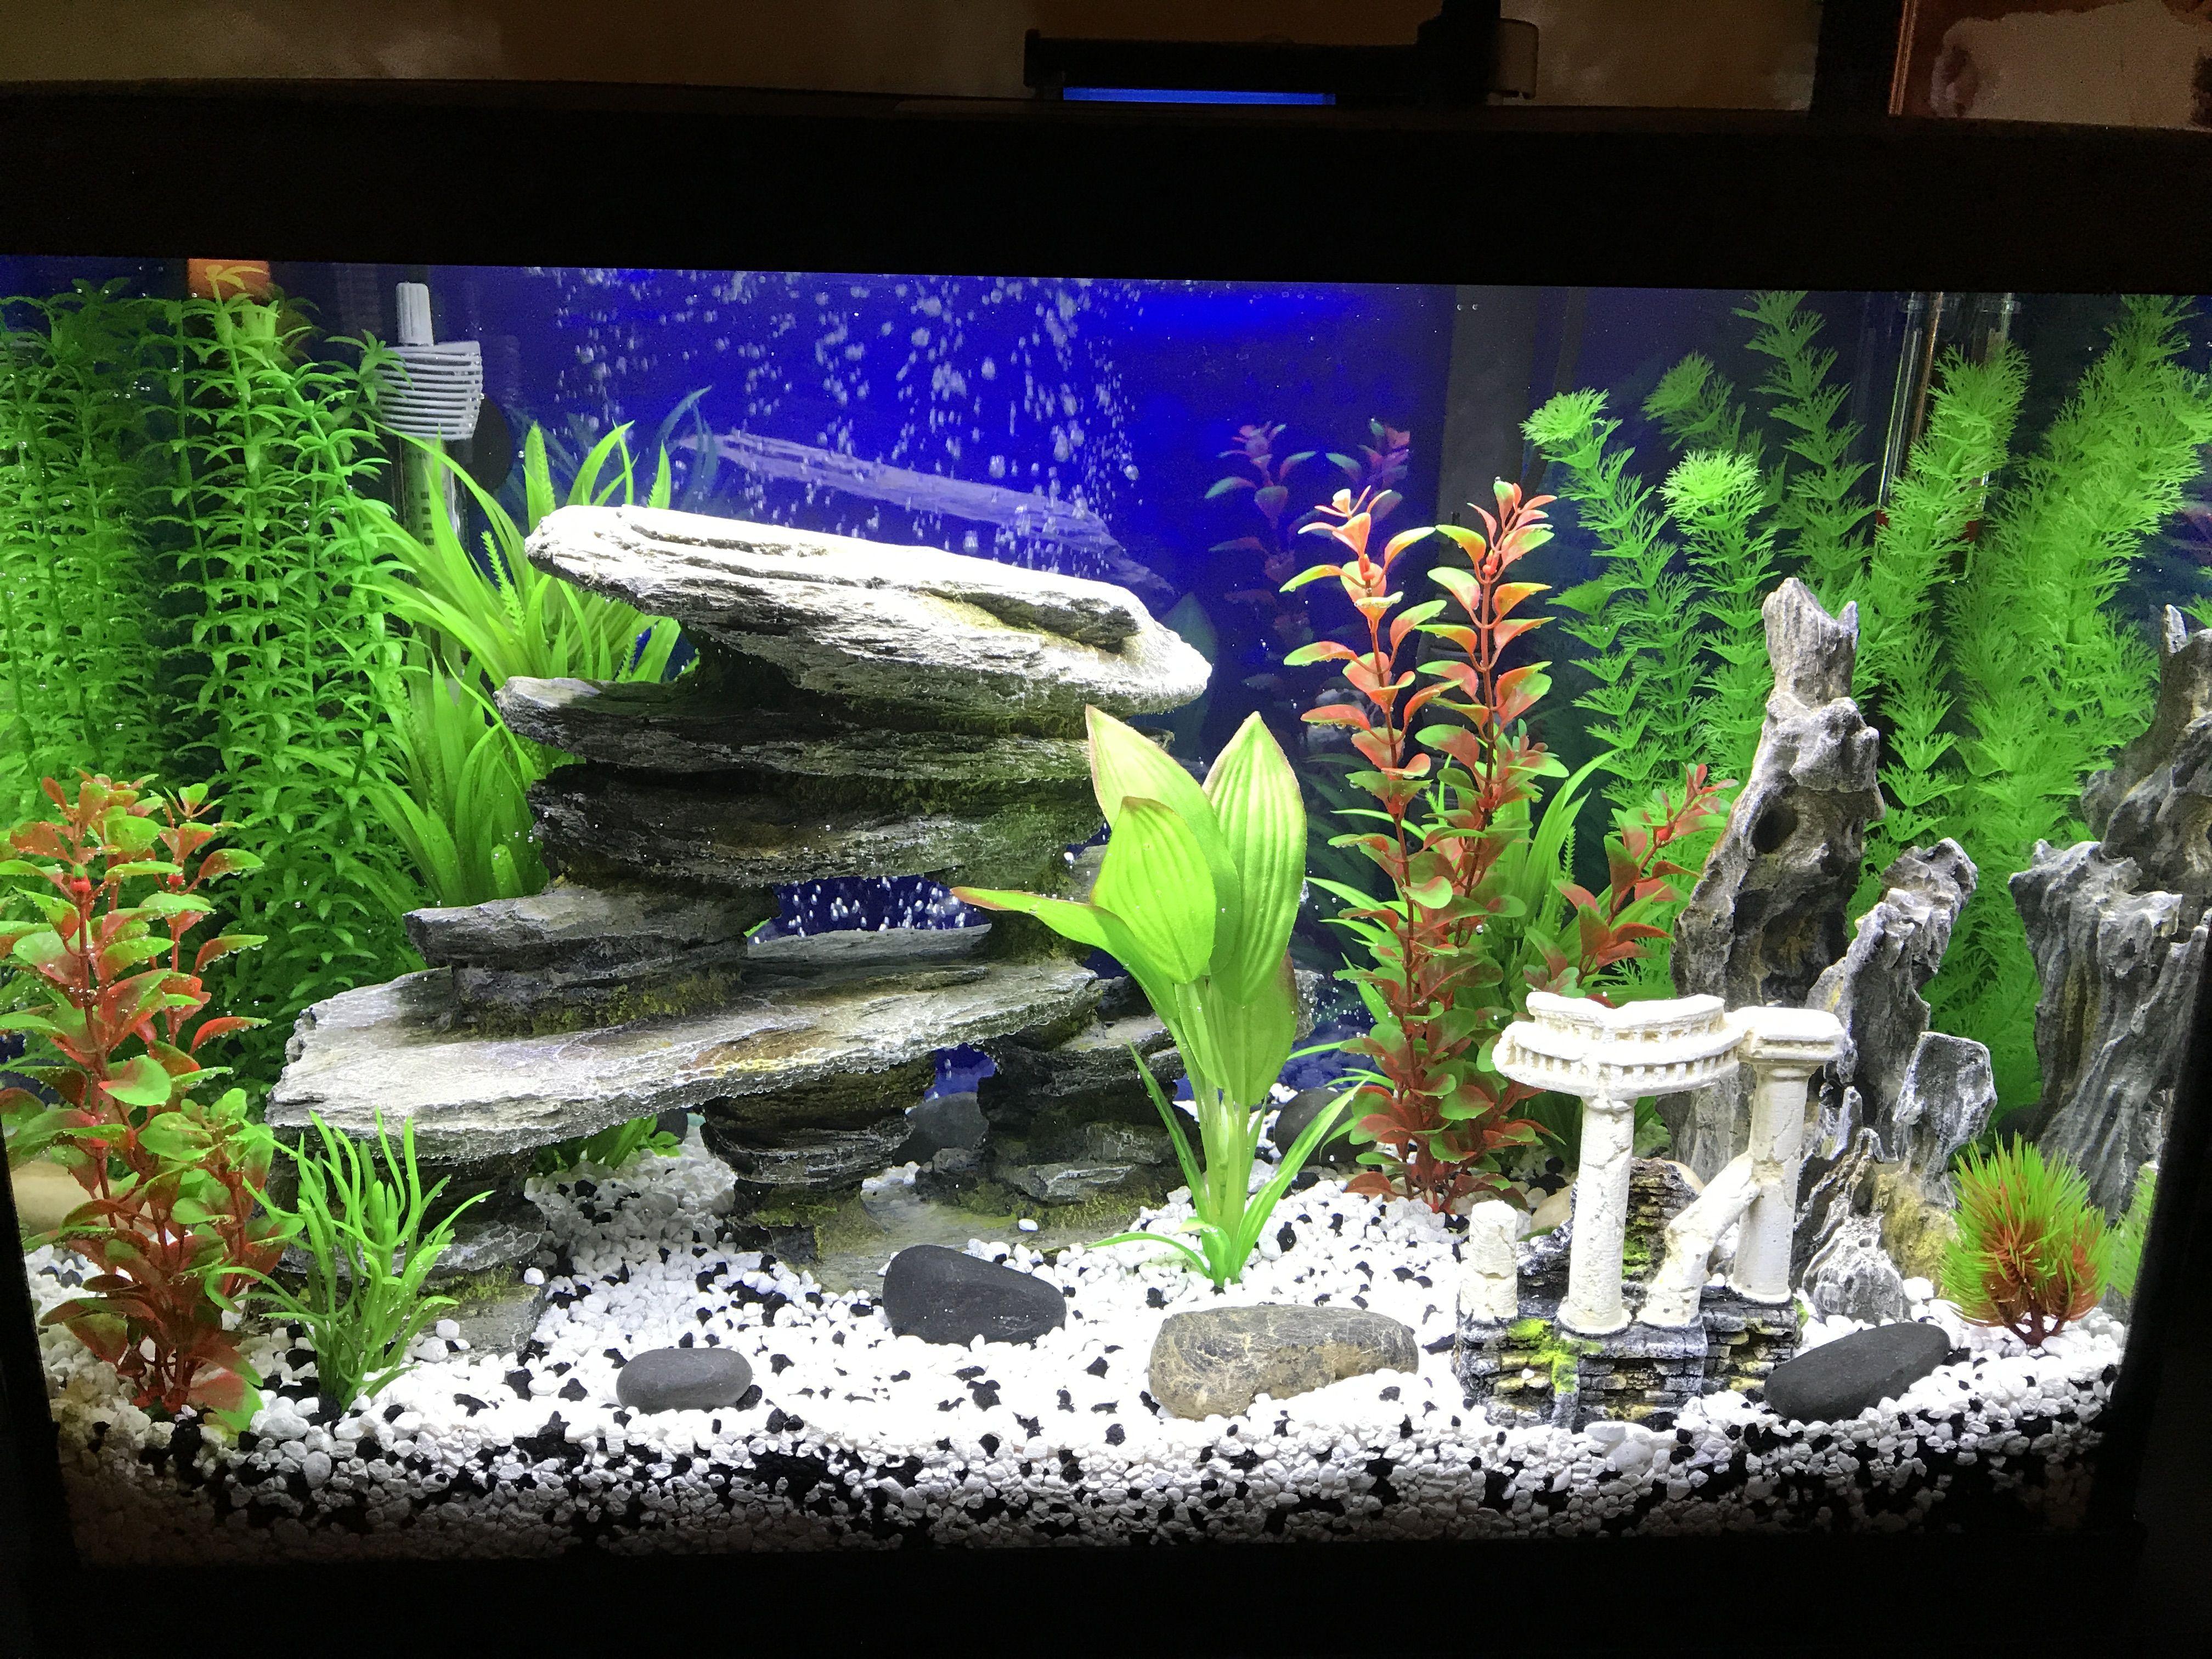 4b1e47ebc13279c5eab86e35a170e11c Frais De Aquarium Amazonien Concept